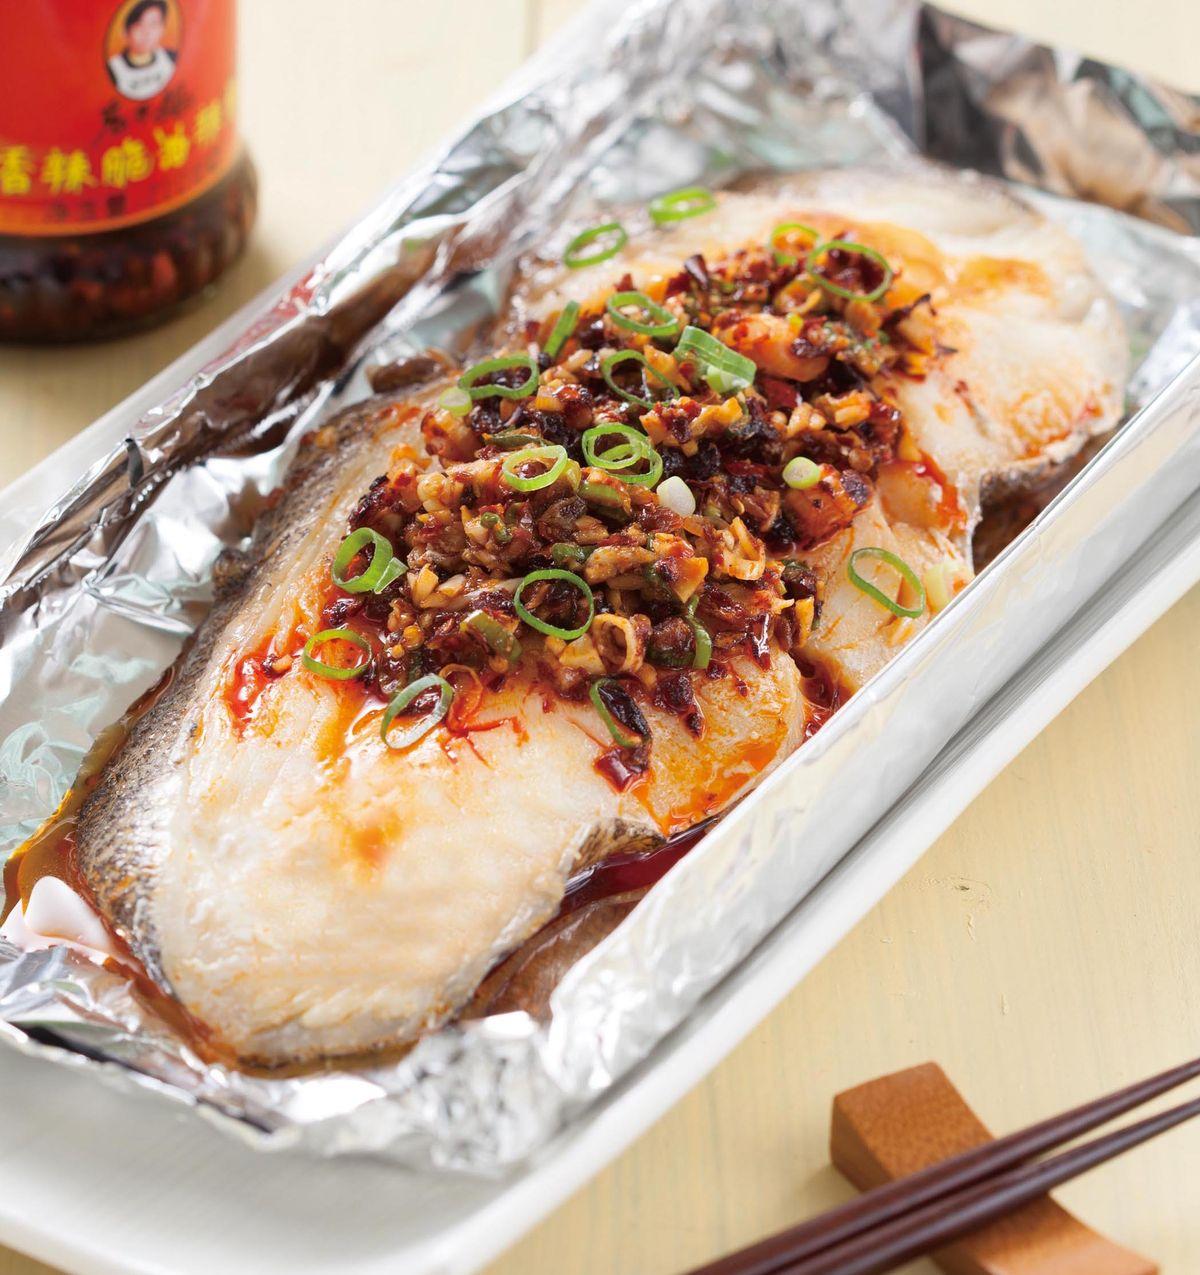 食譜:椒香烤鱈魚